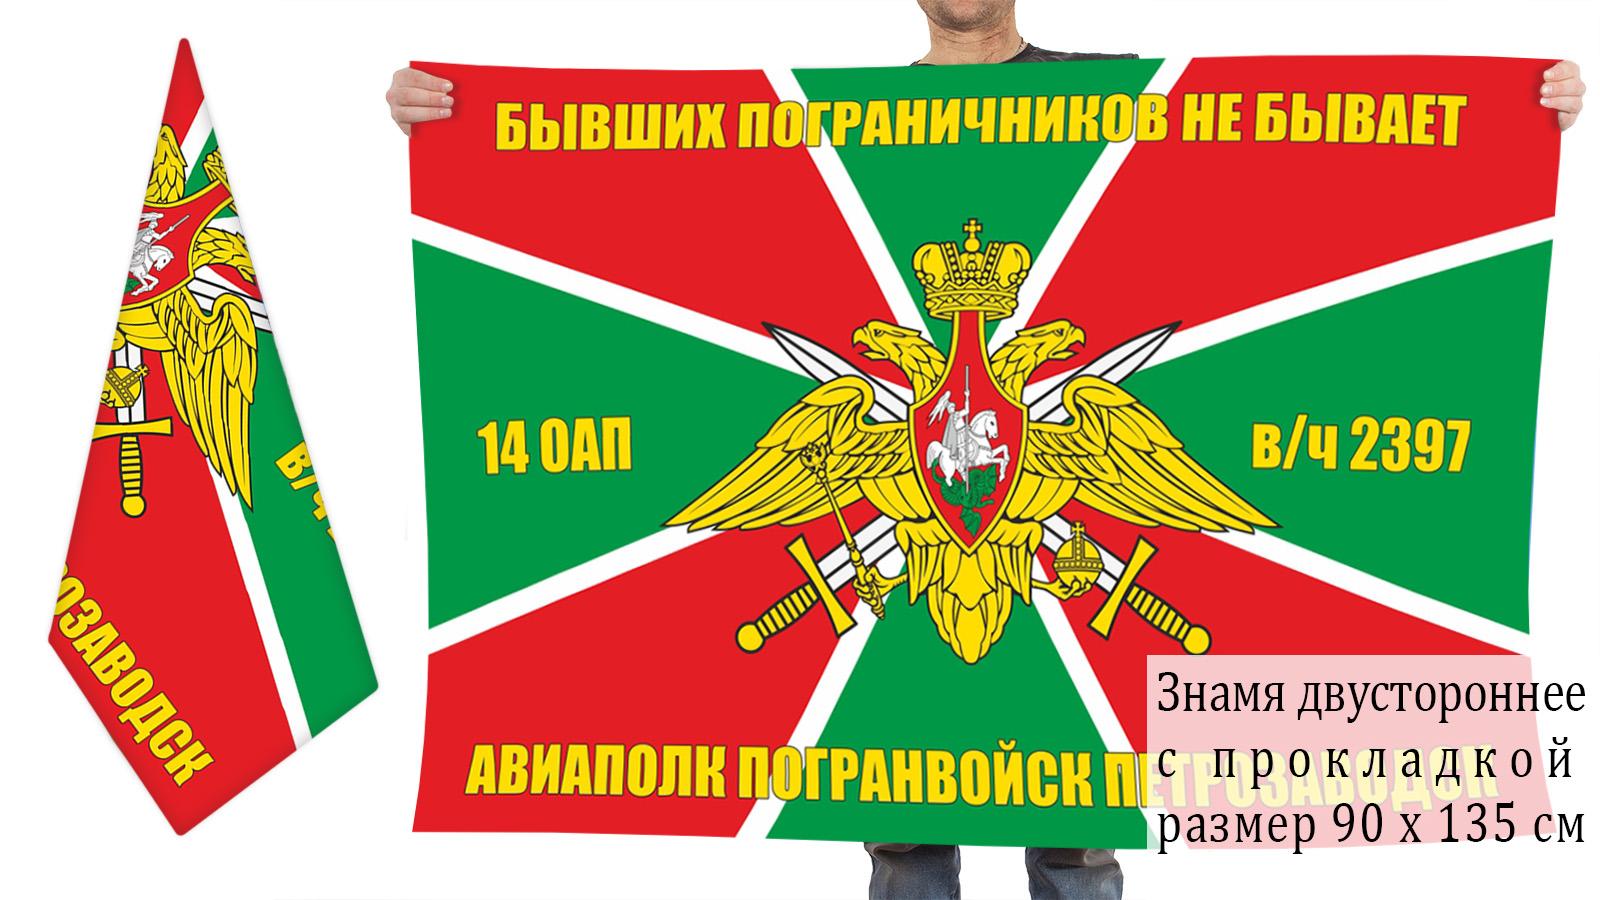 Двусторонний флаг 14 Авиаполка Погранвойск